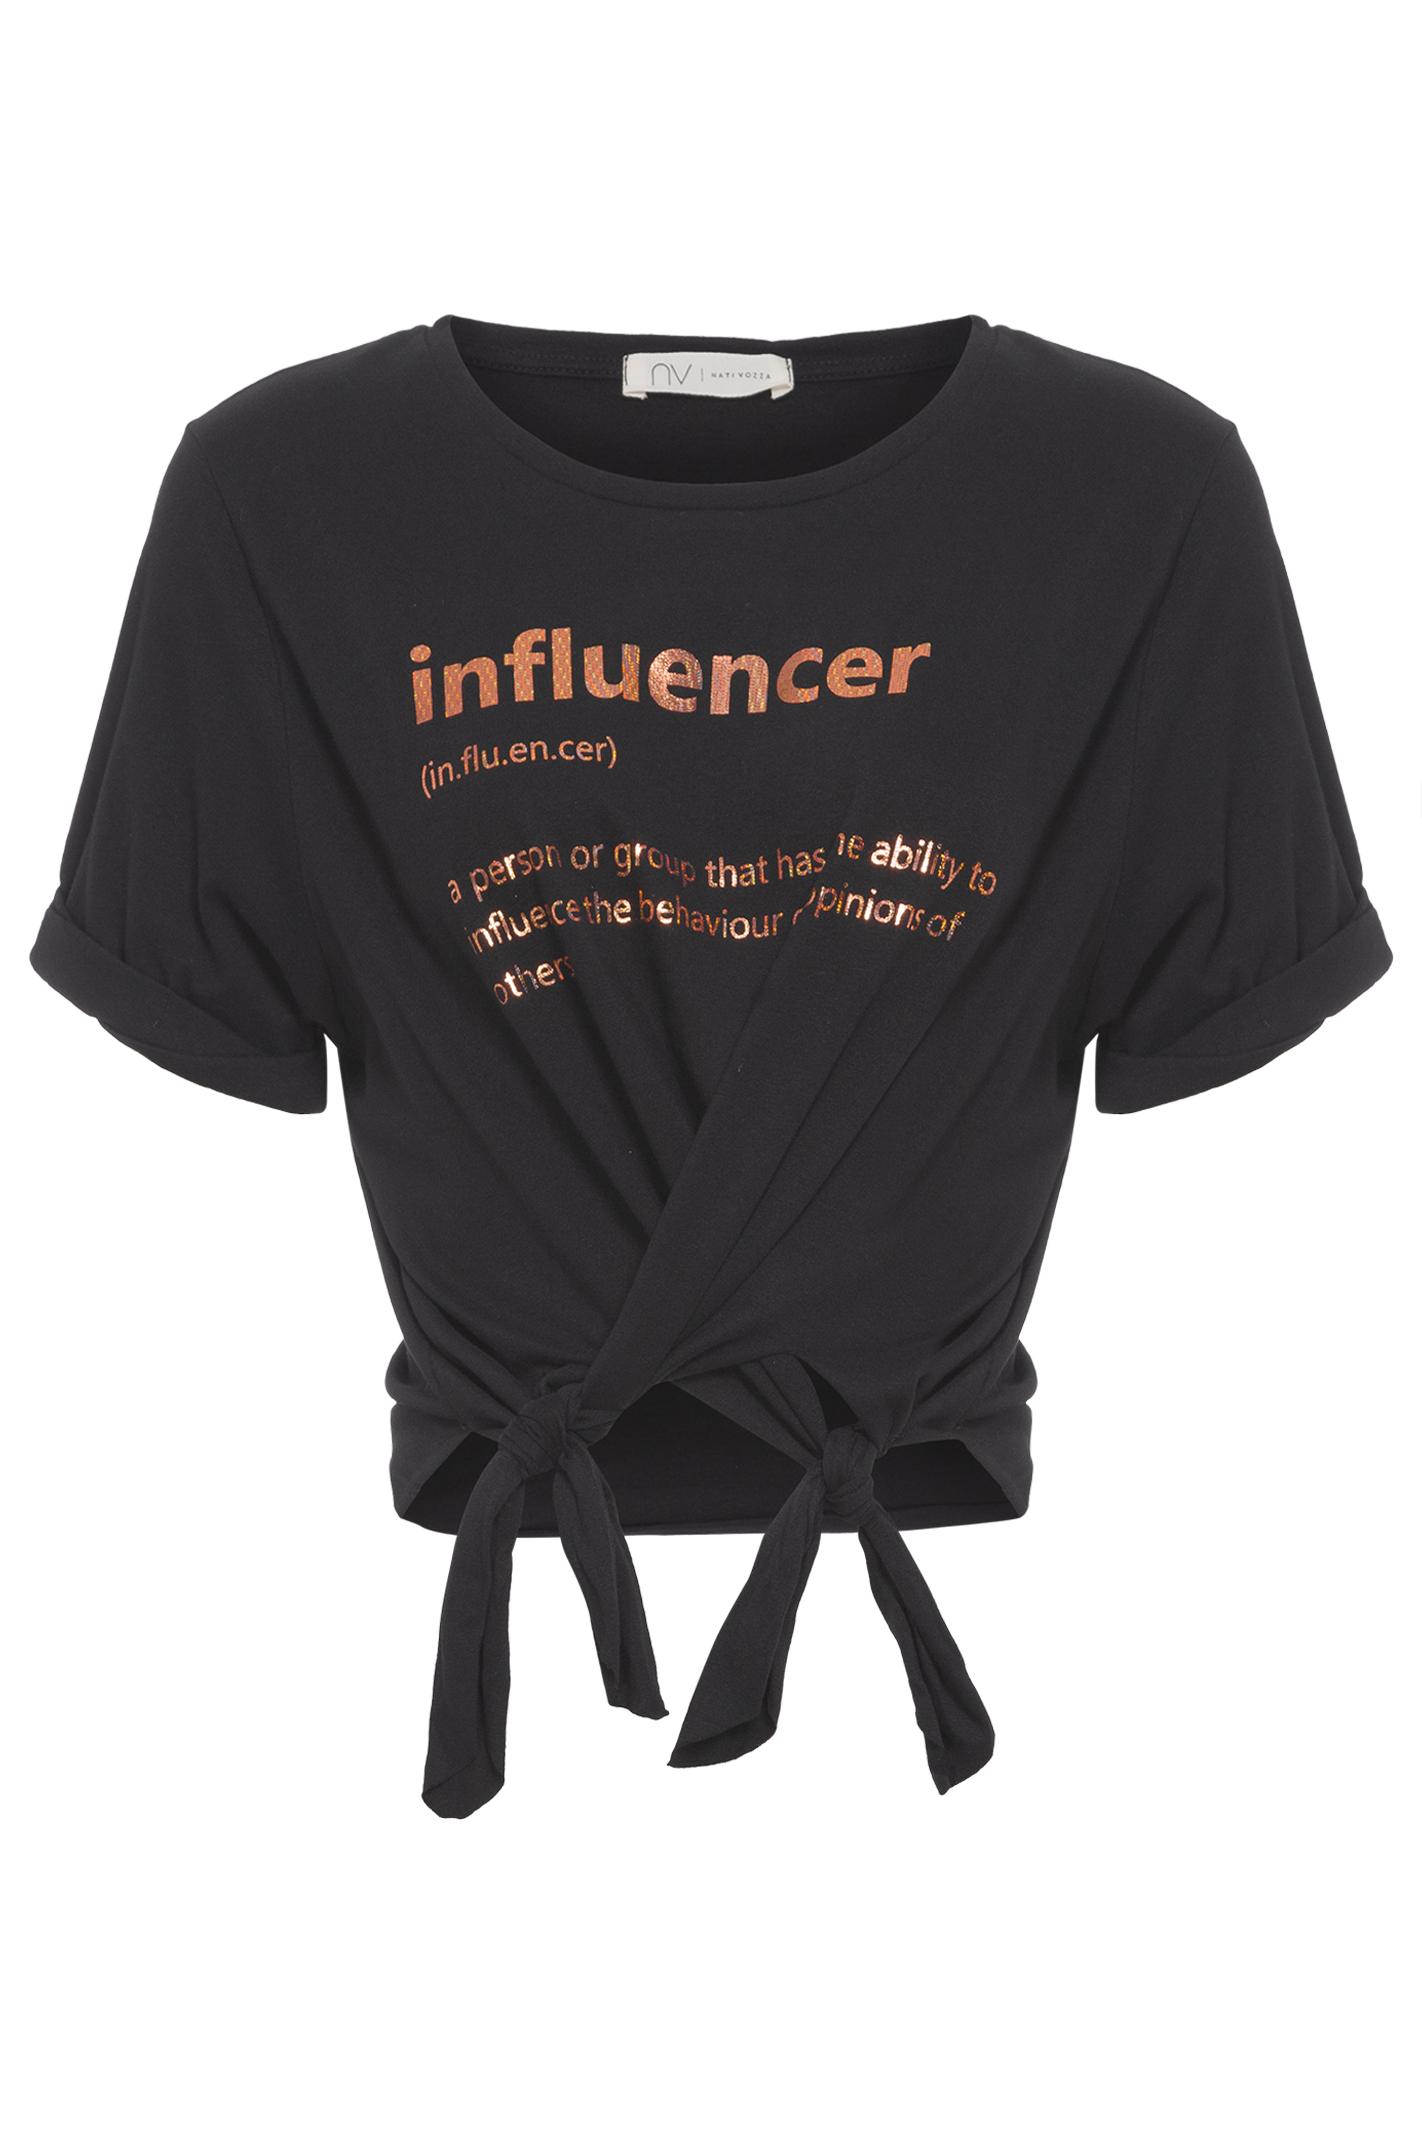 T-Shirt Influencer